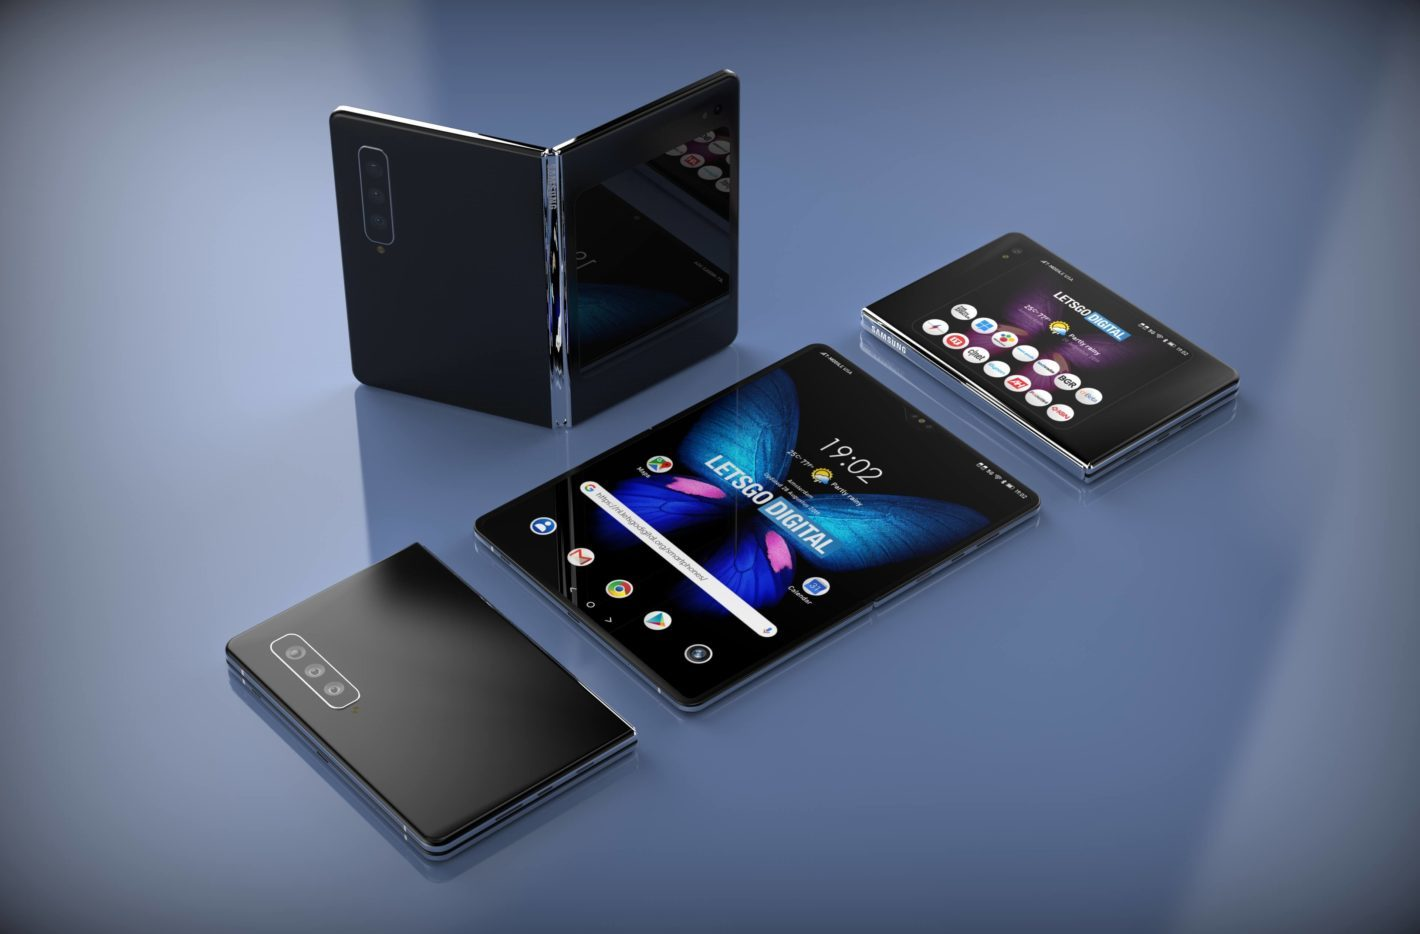 Tiết lộ đầu tiên về điện thoại màn hình gập Galaxy Fold 2